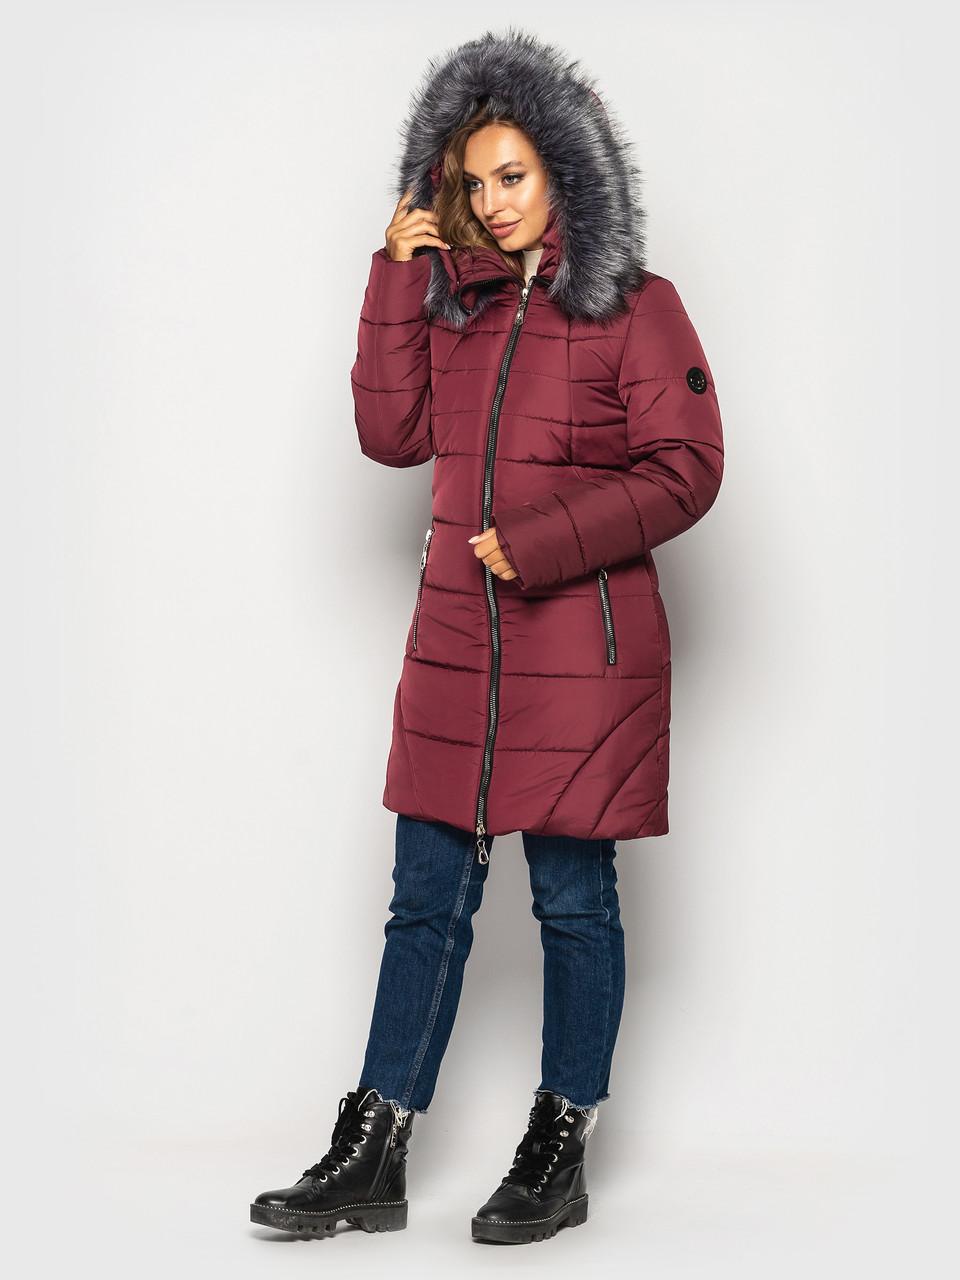 Зимняя куртка больших размеров К 0077 с 04